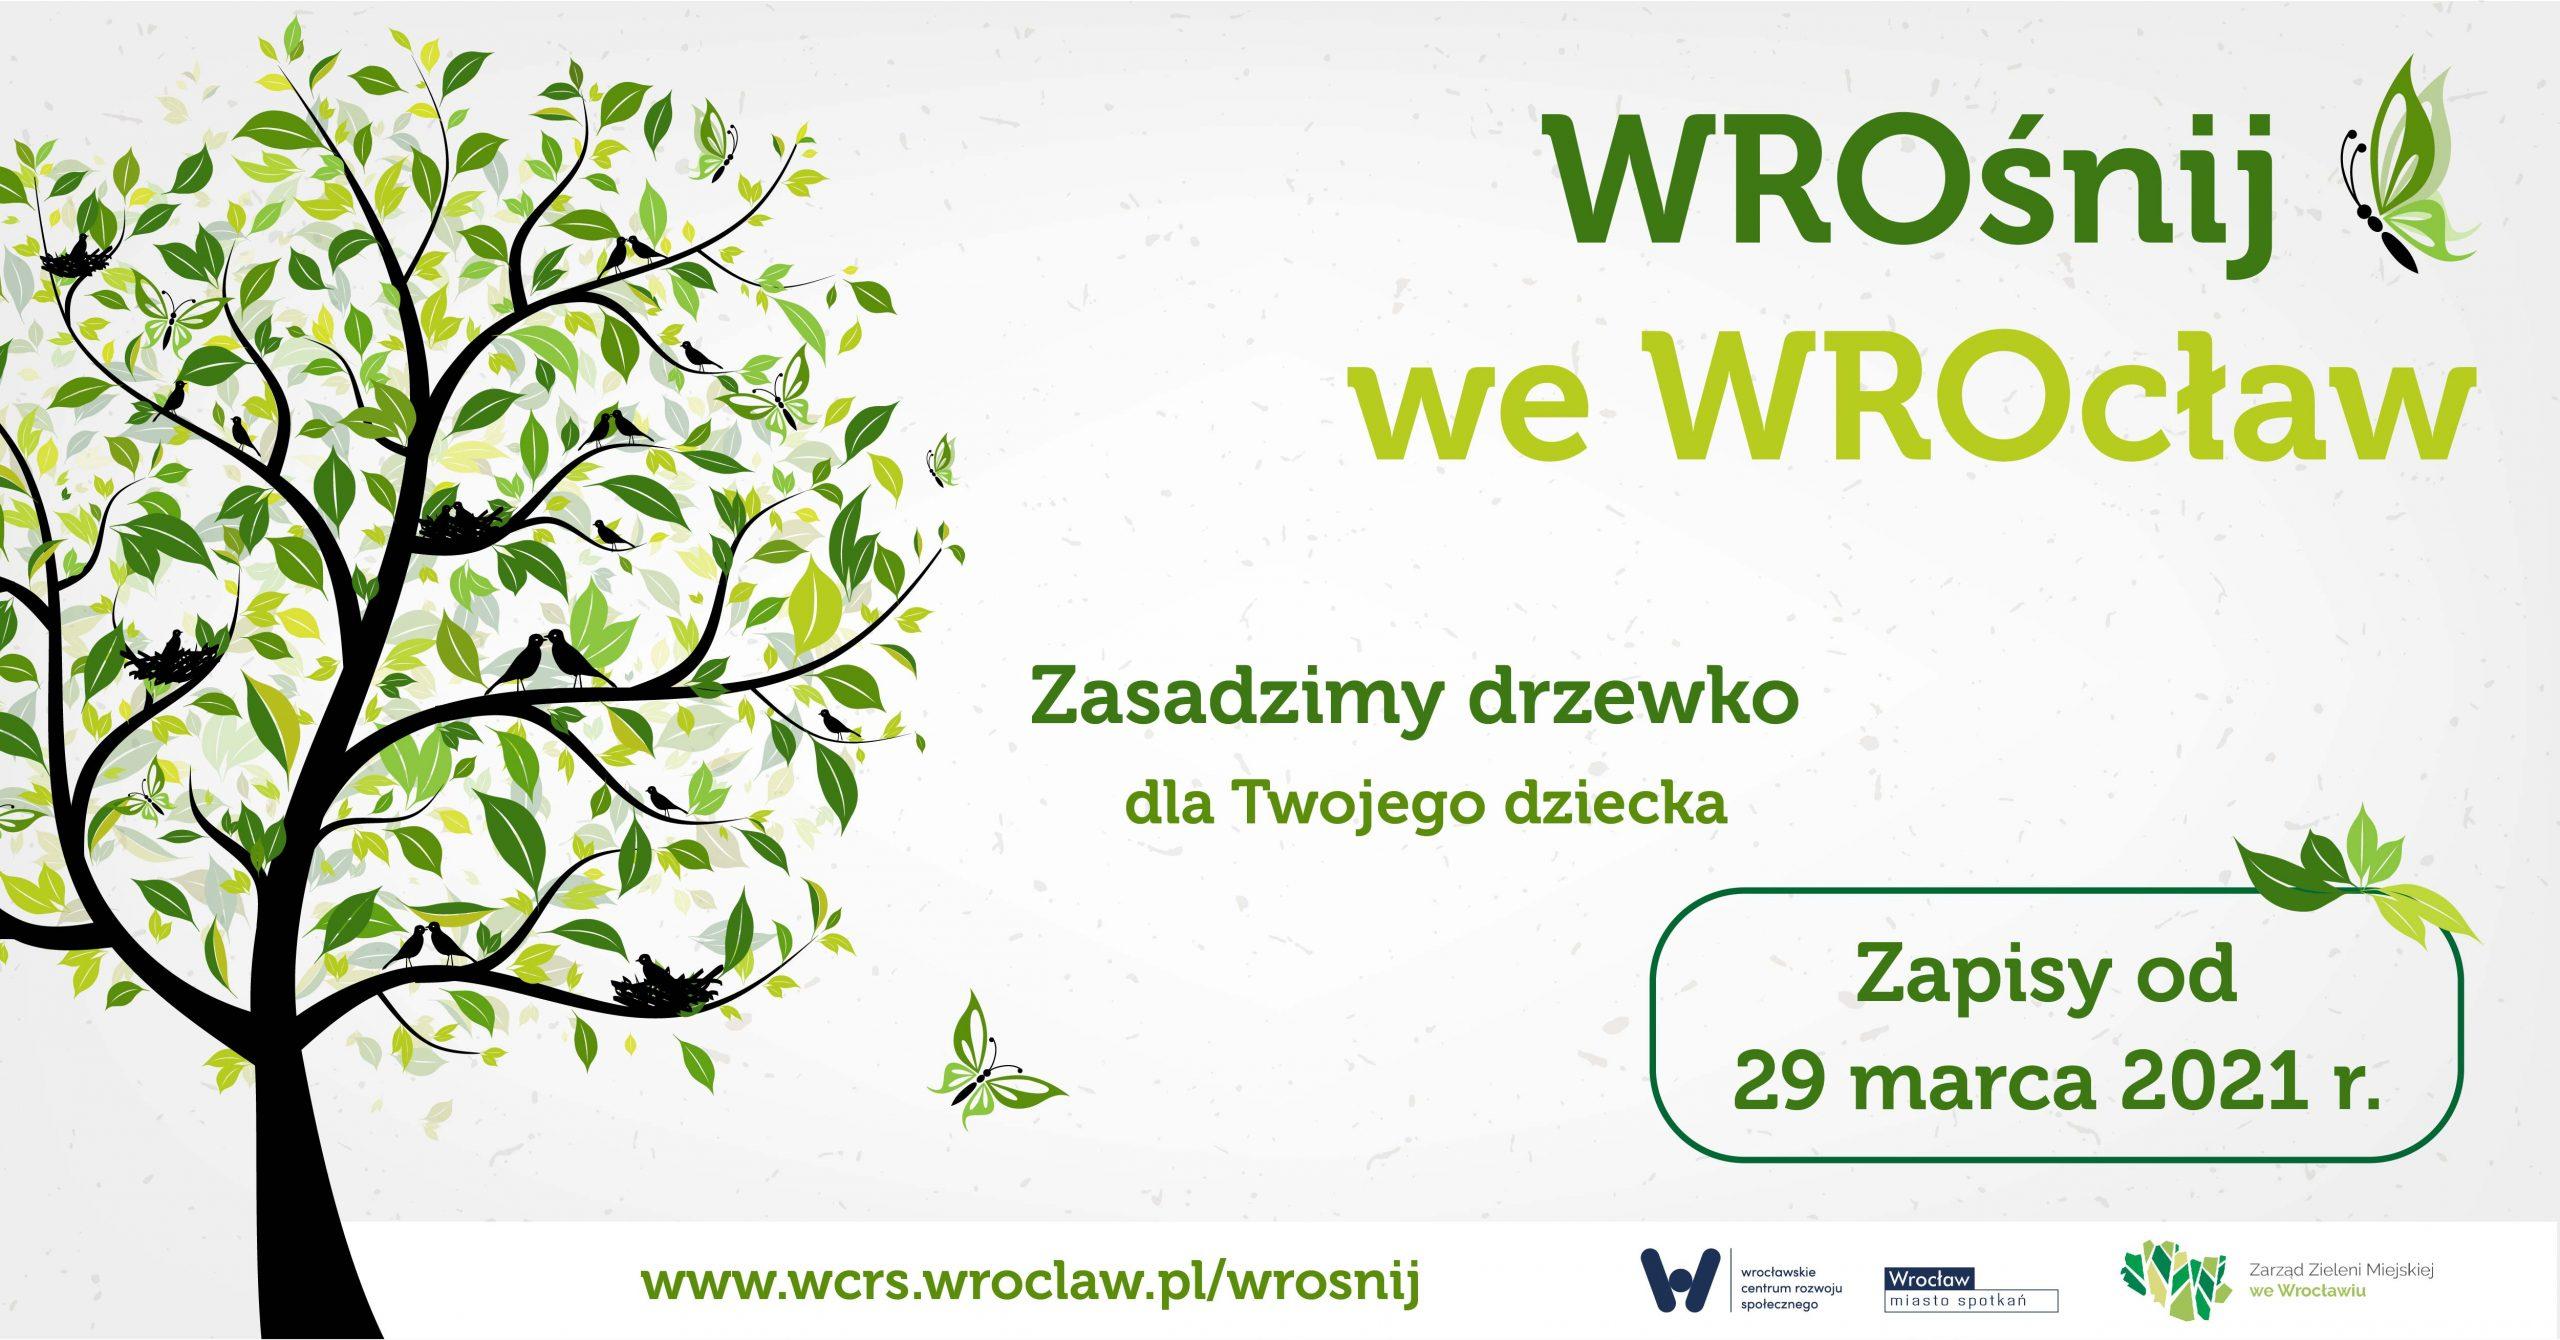 po lewej stronie drzewo po prawej napis WROśnij we WROcław, poniżej pośrodku Zasadzimy drzewo dla Twojego dziecka, w prawym dolnym rogu w ramce informacja Zapisy od 29 marca 2021 r.